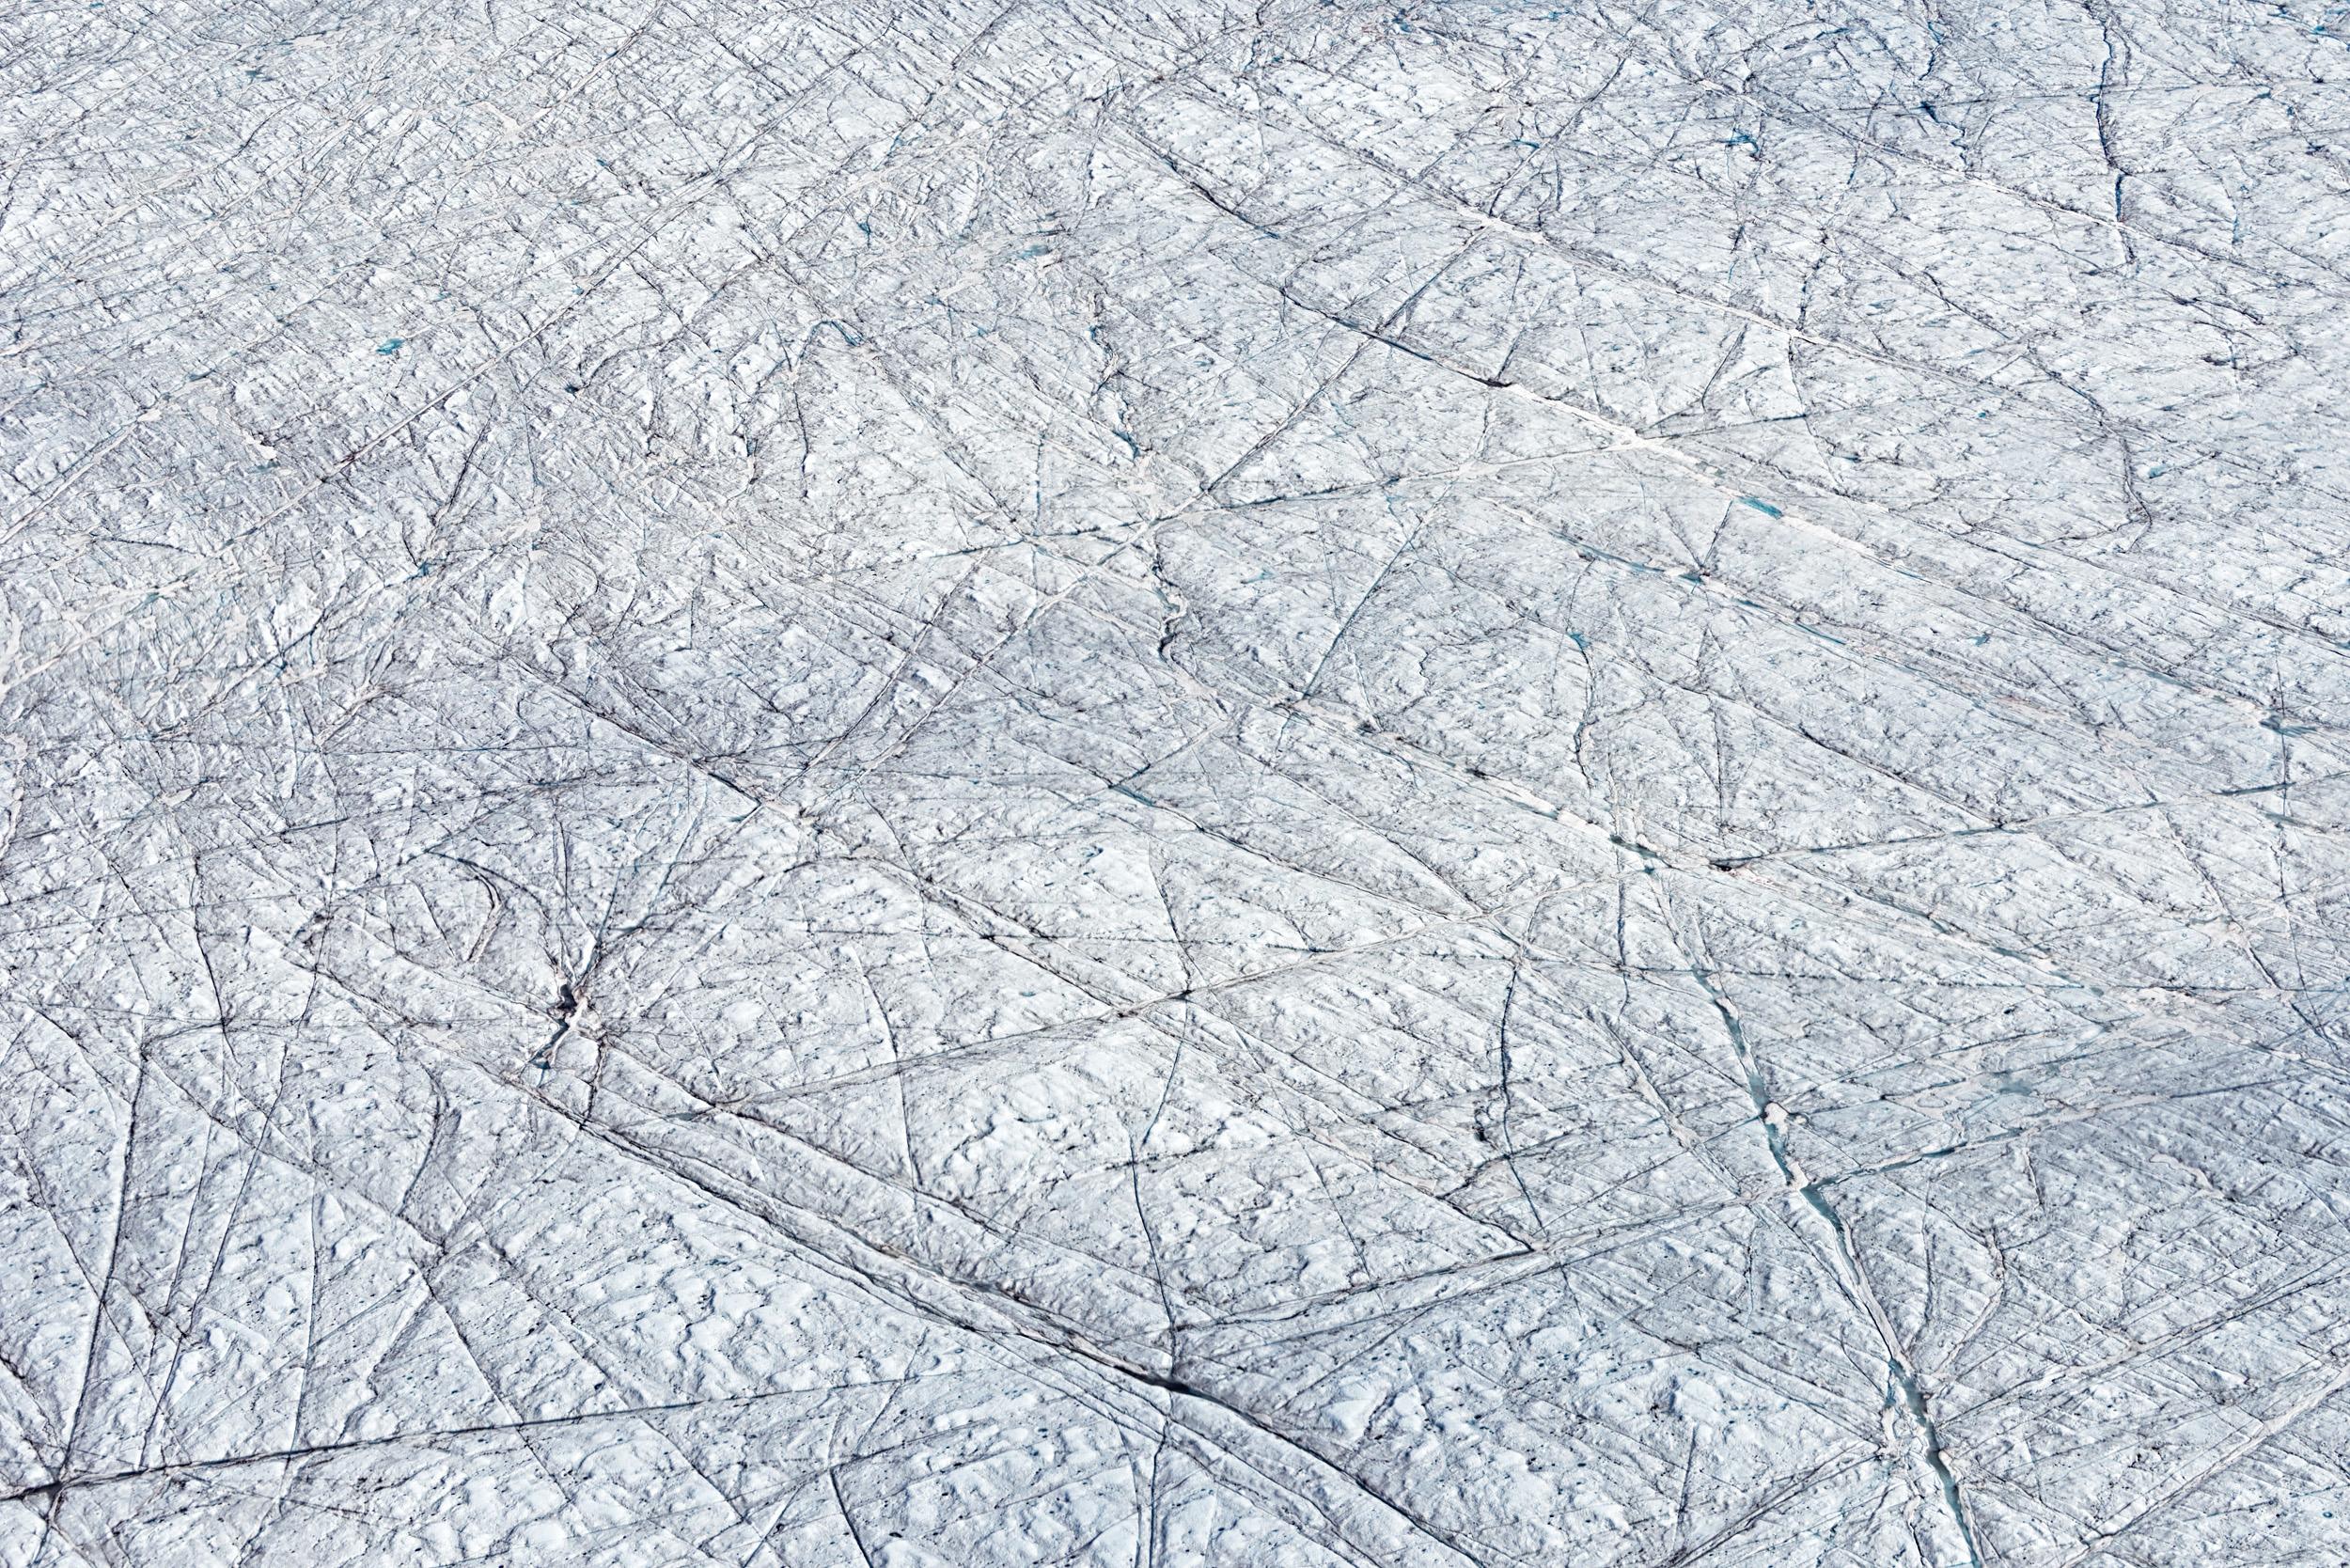 Strukturen auf dem Grönländischen Inlandeis, aus dem Fenster eines Kleinflugzeugs aufgenommen. Würde ich mit einer Drohne in der Lage sein, ähnliche Motive noch intensiver ins Auge zu fassen?